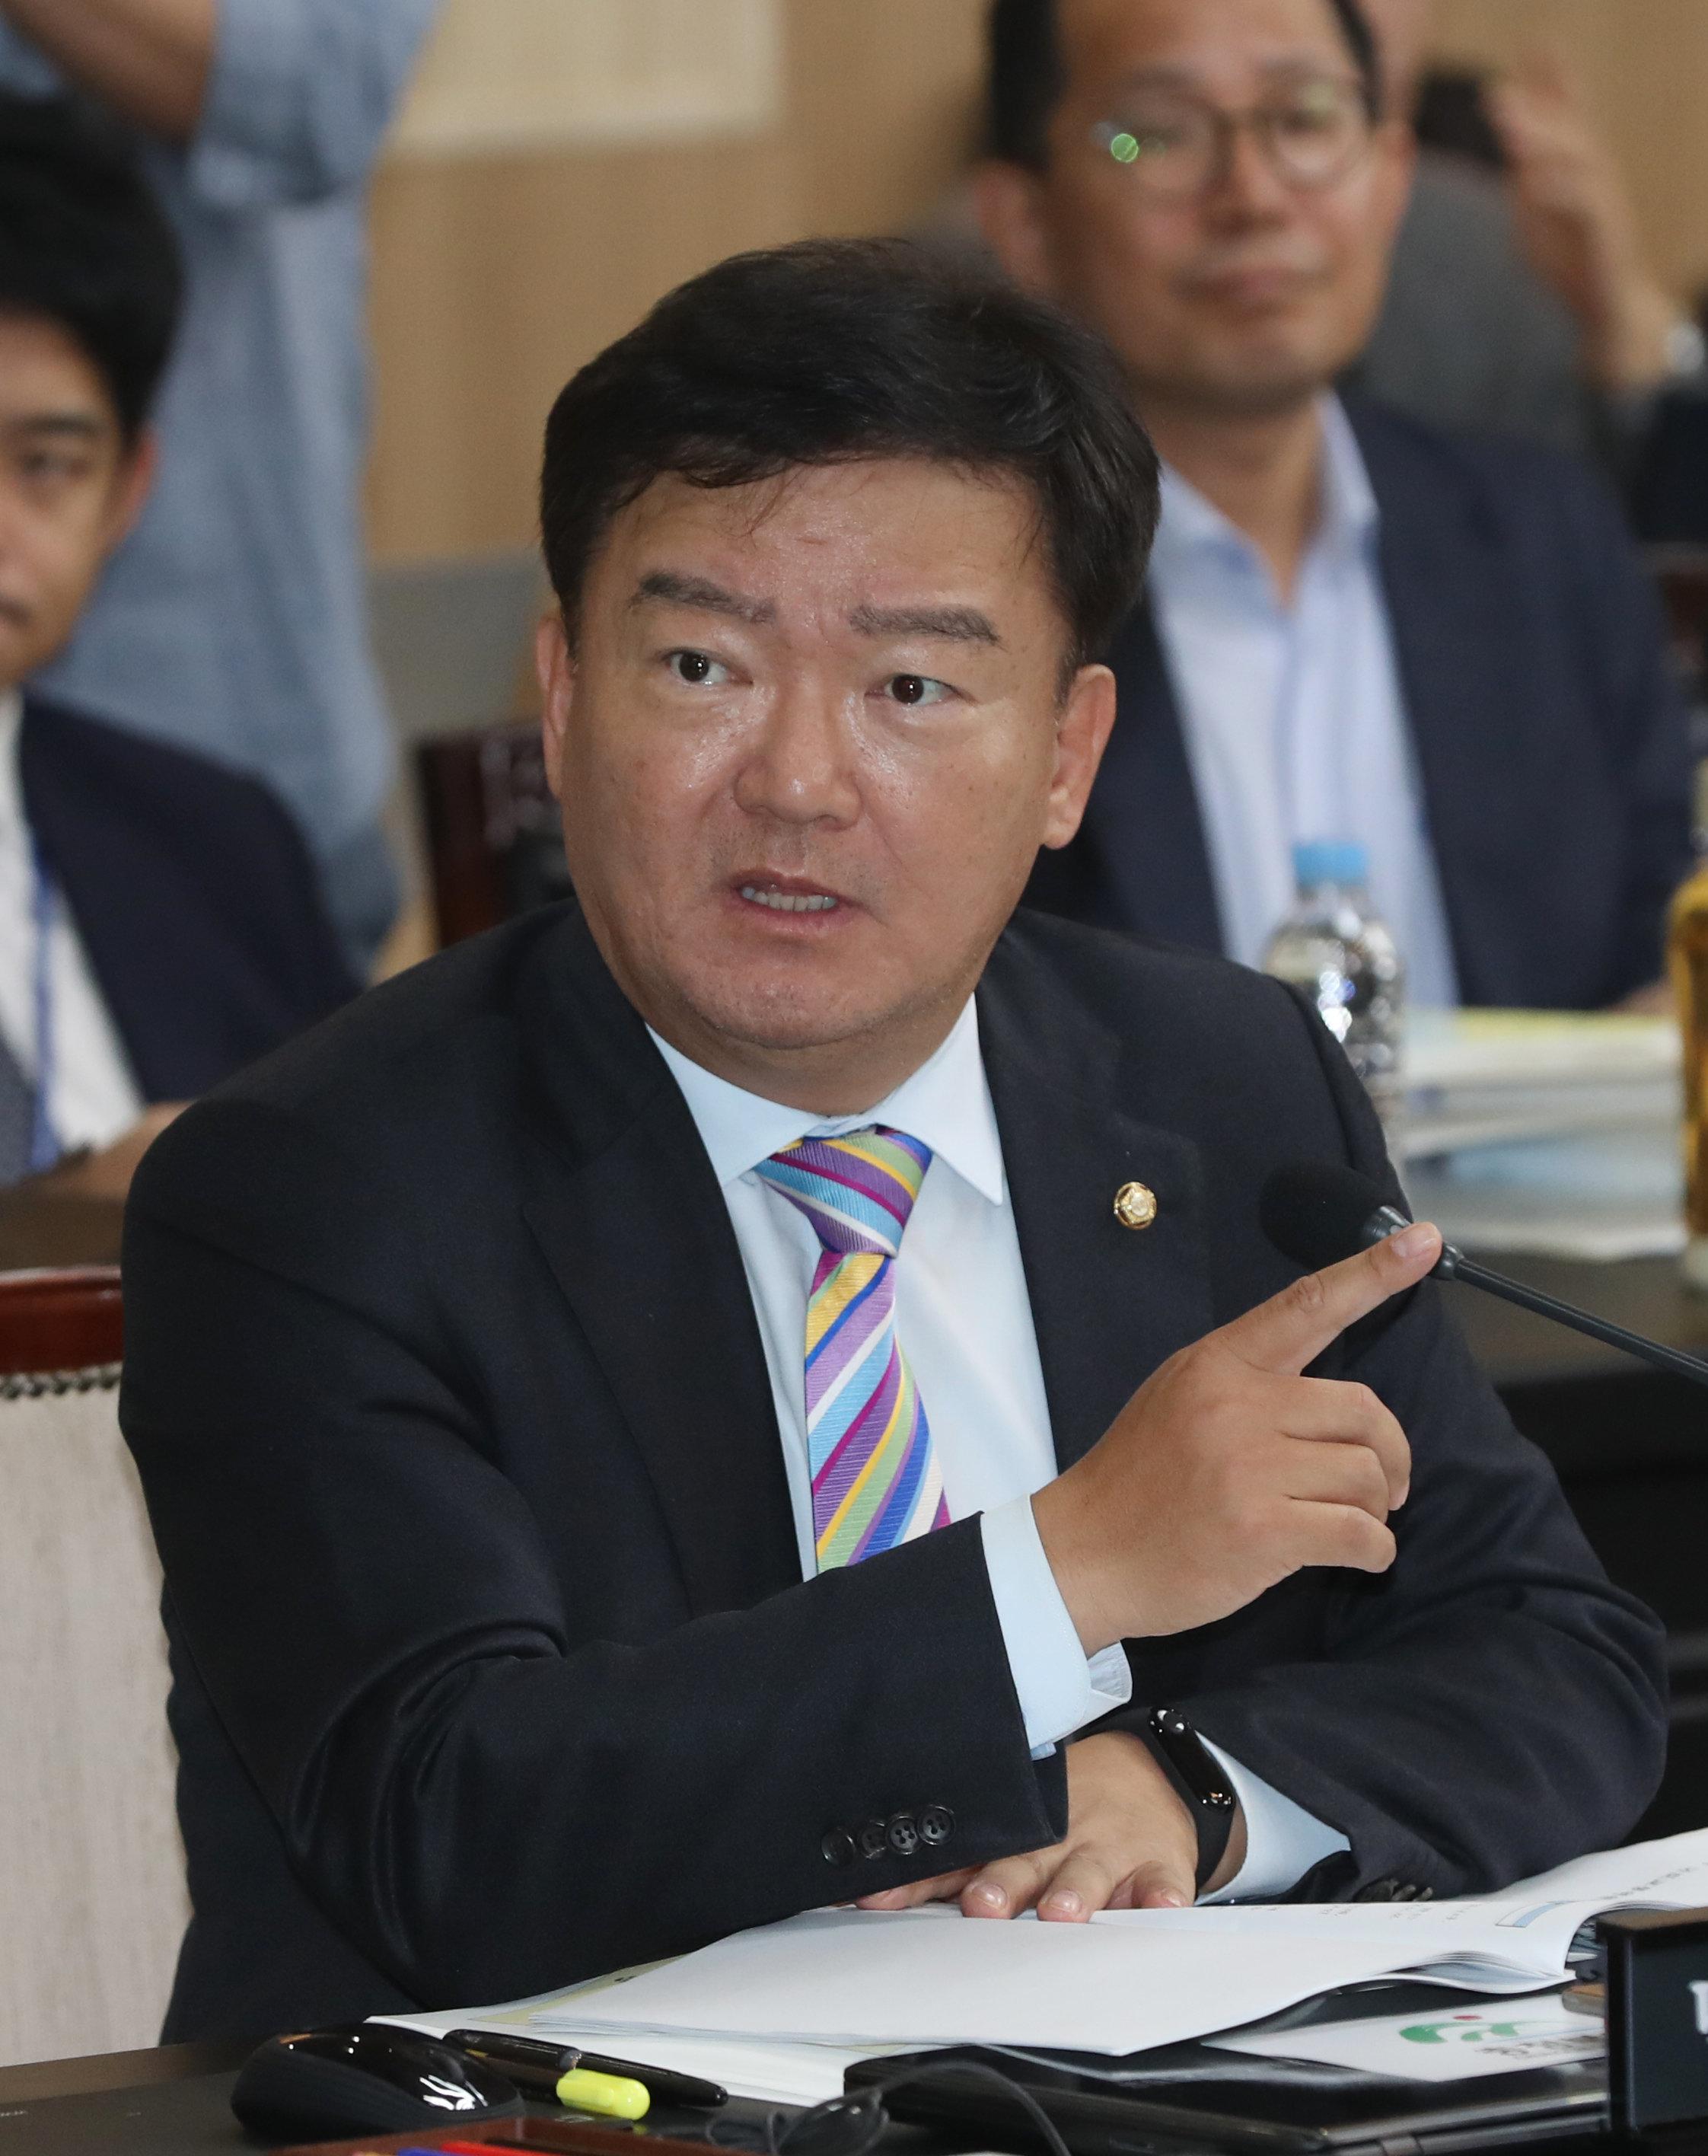 민경욱이 페이스북에 몇 차례 산불에 대한 글을 게시했다가 비판받고